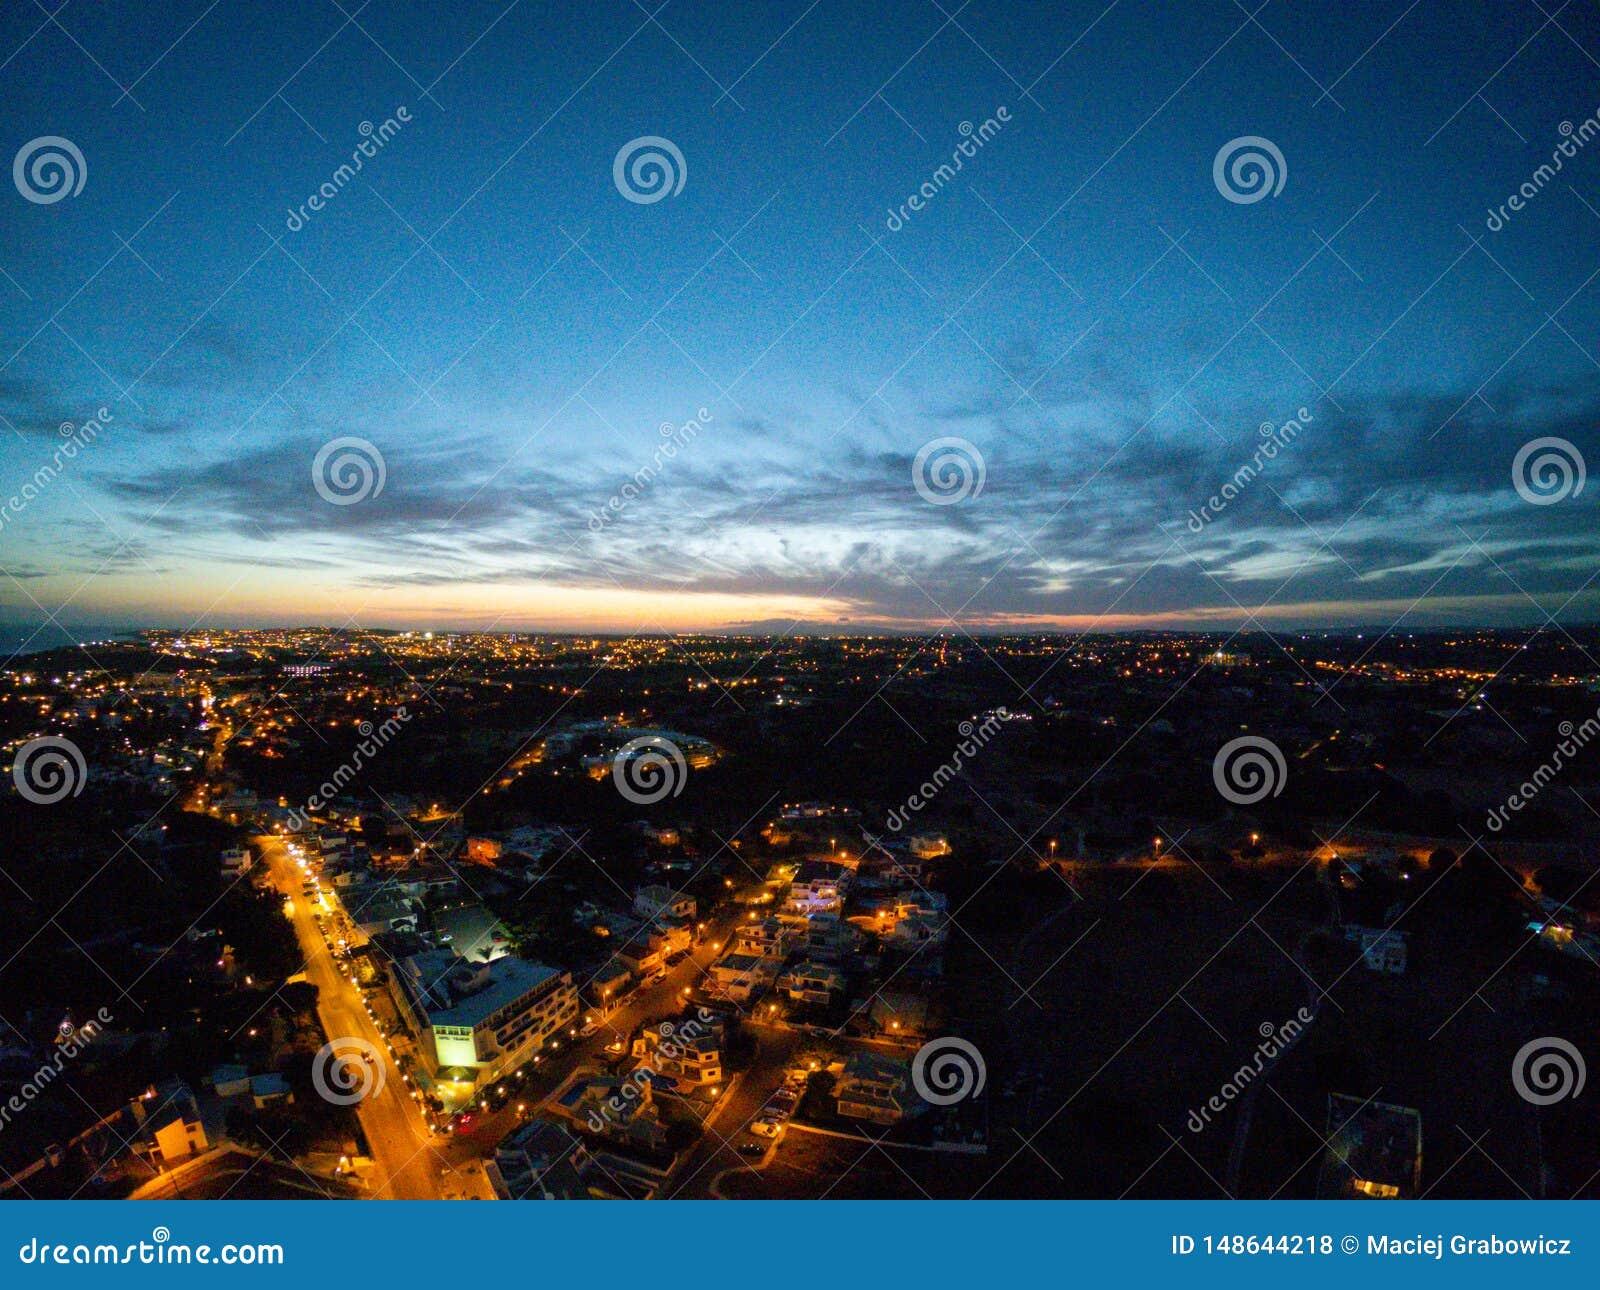 Widok z lotu ptaka na mie?cie przy noc?, Albufeira, Portugalia Iluminowa? ulicy przy zmierzchem